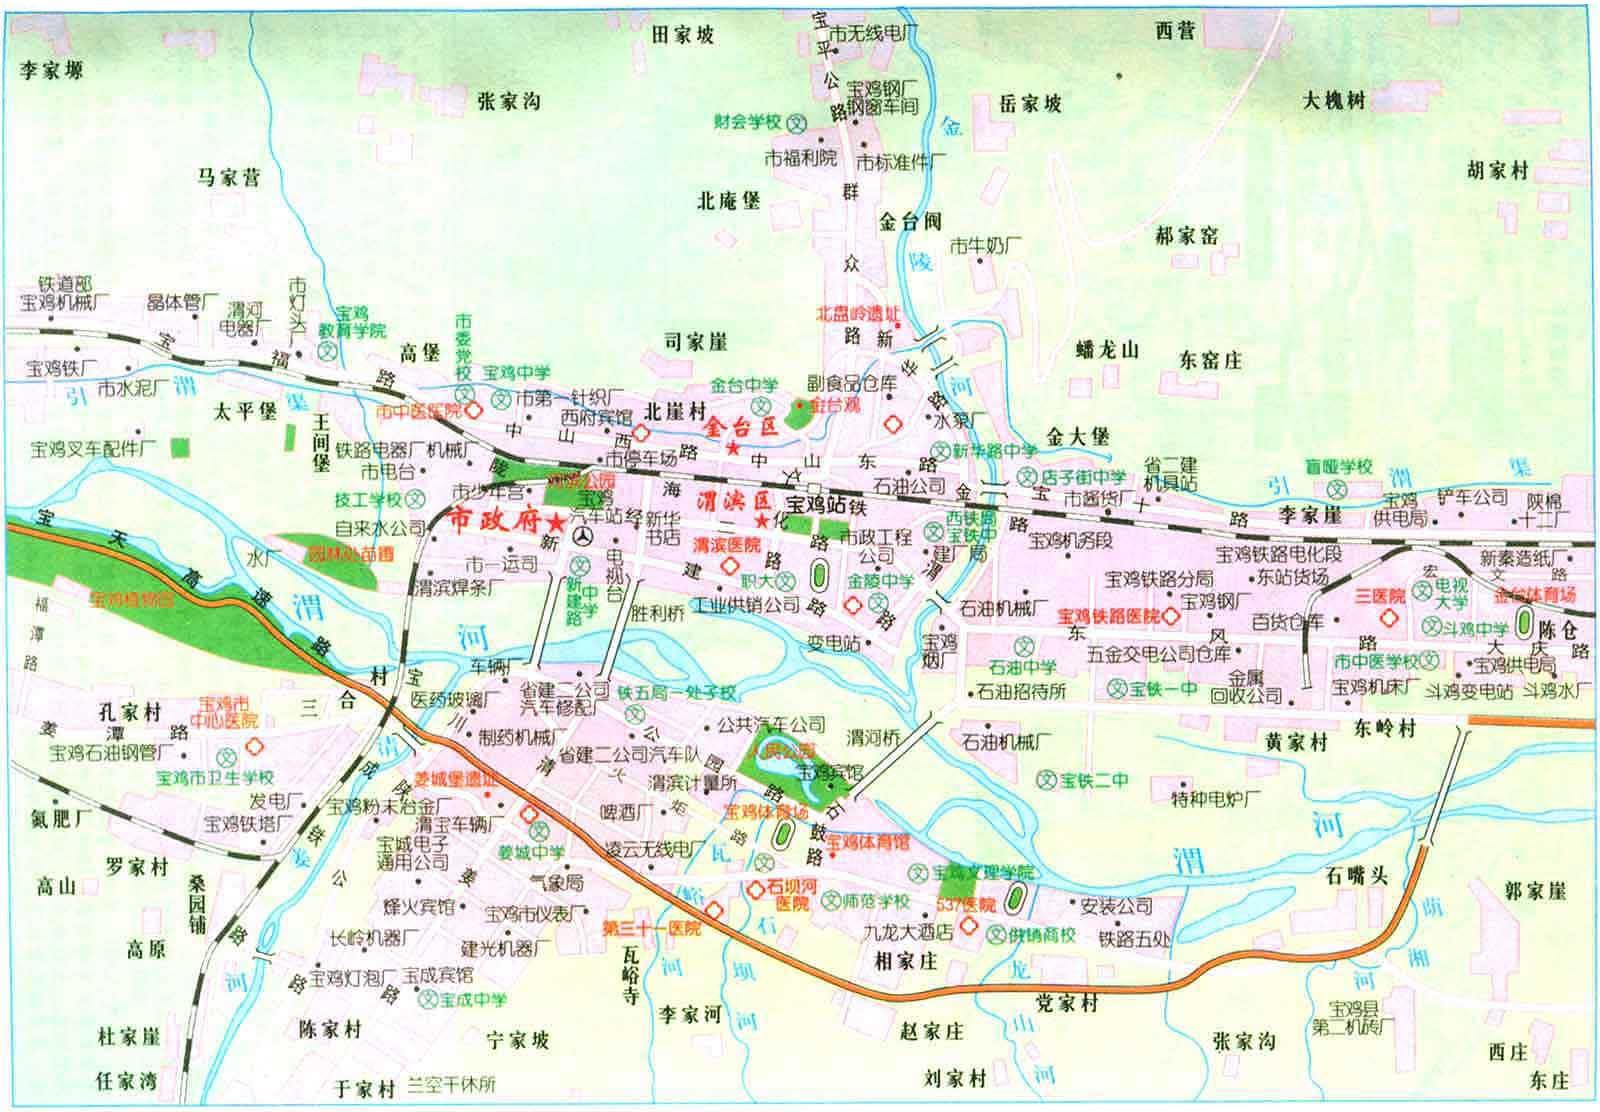 求北京市区的电子地图